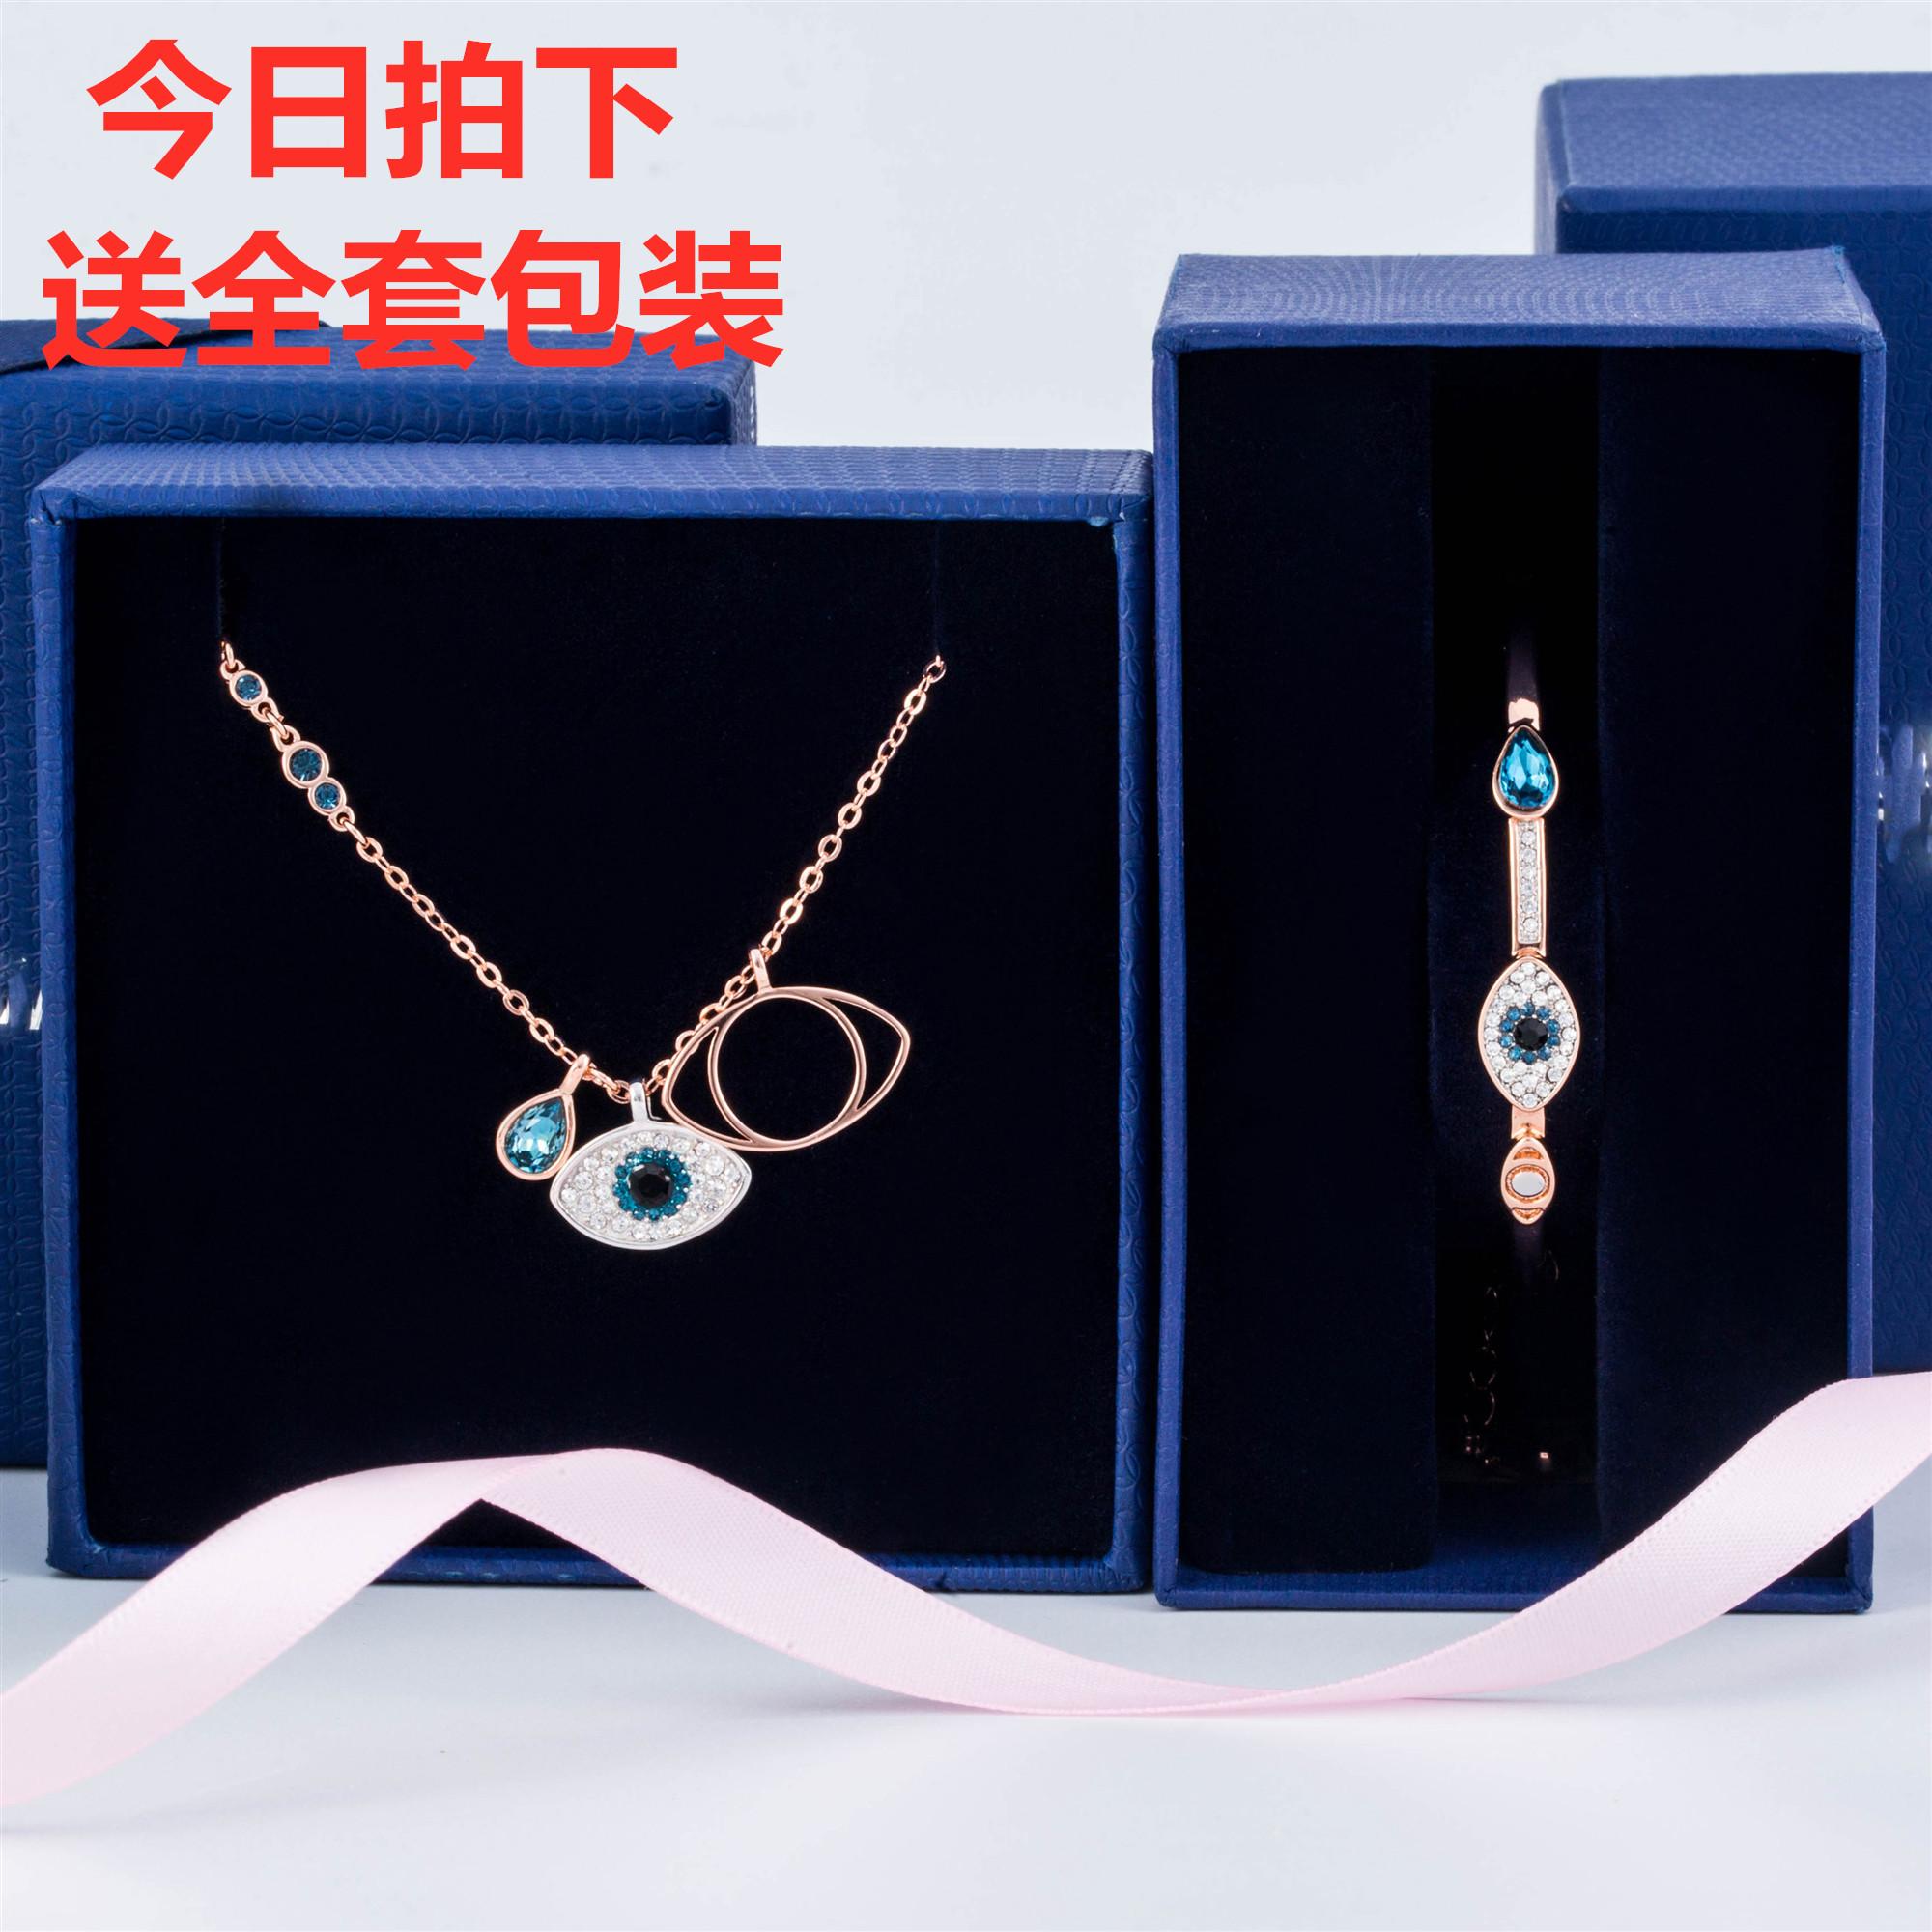 [施家代发项链]奥地利新款玫瑰金恶魔之眼项链女锁骨链月销量745件仅售69元